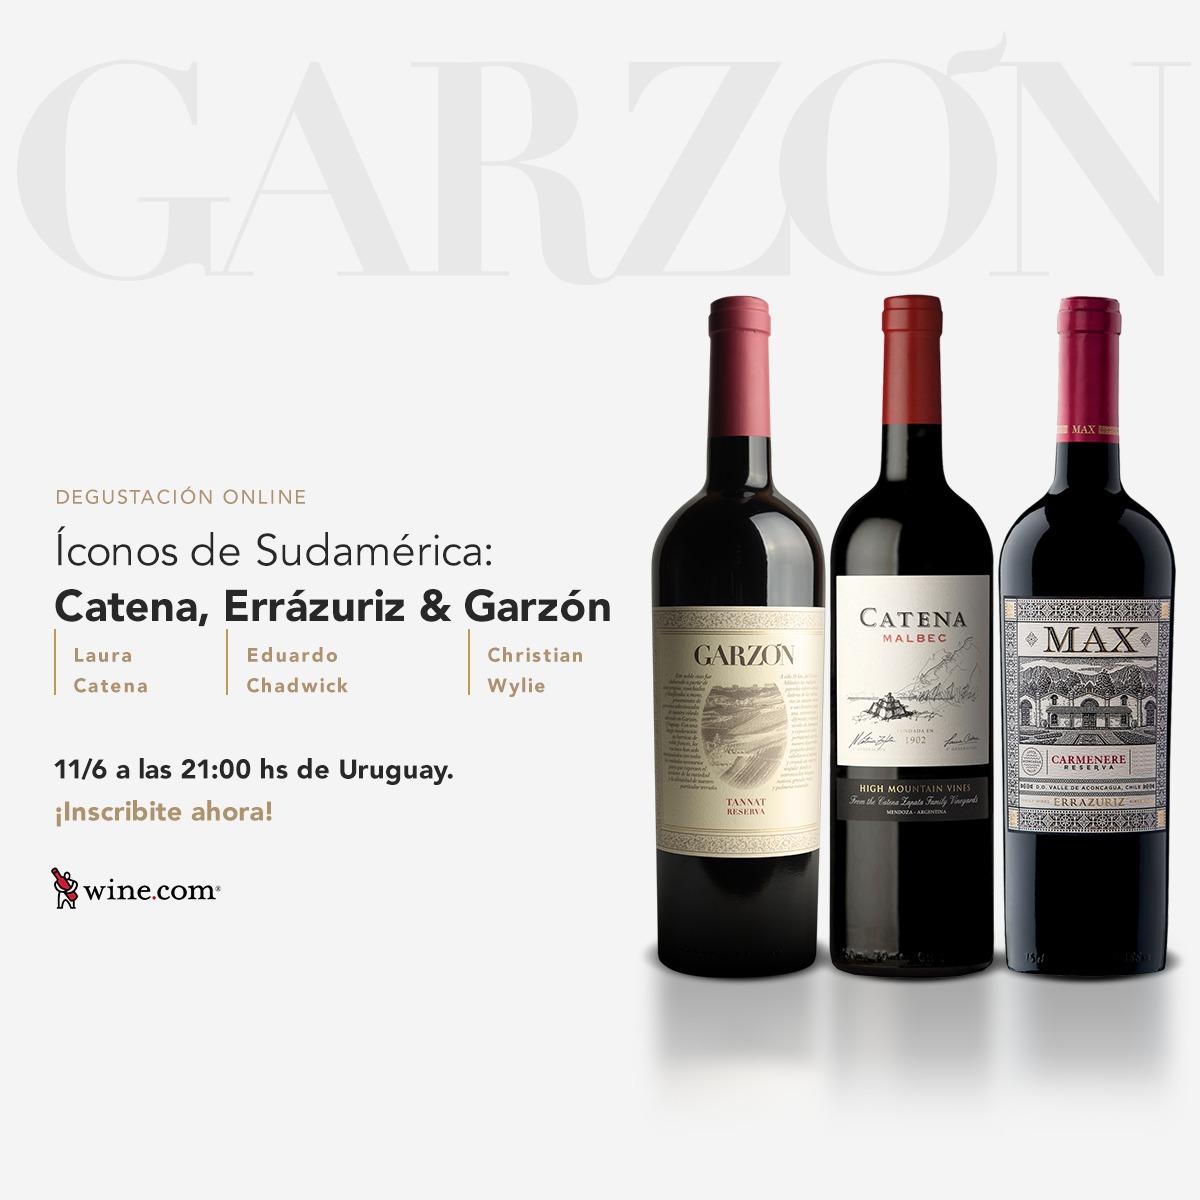 El próximo jueves 11 de junio participaremos de un Virtual Wine Tasting junto a otros dos iconos de sudamérica. Una invitación de @Wine_com para conocer más cerca de las características de nuestros vinos. Pueden registrarse en https://t.co/N7EzlN5IiL #BodegaGarzón https://t.co/7IXx7Tlj5B